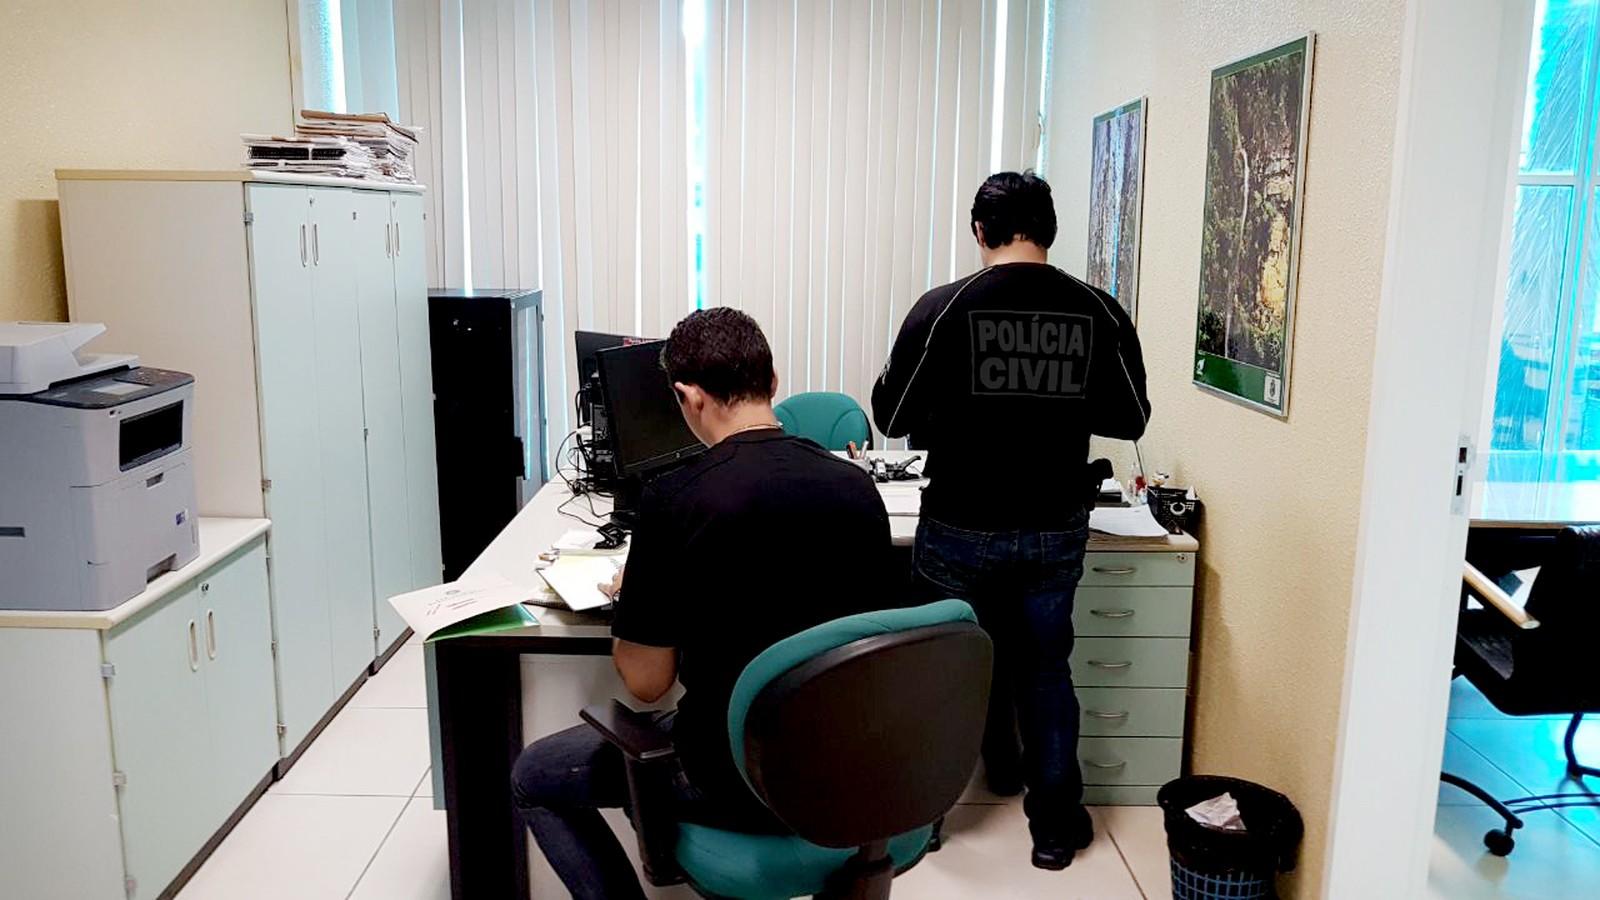 Servidores da Semace são presos por suspeita de corrupção no Ceará; superintendente é afastado